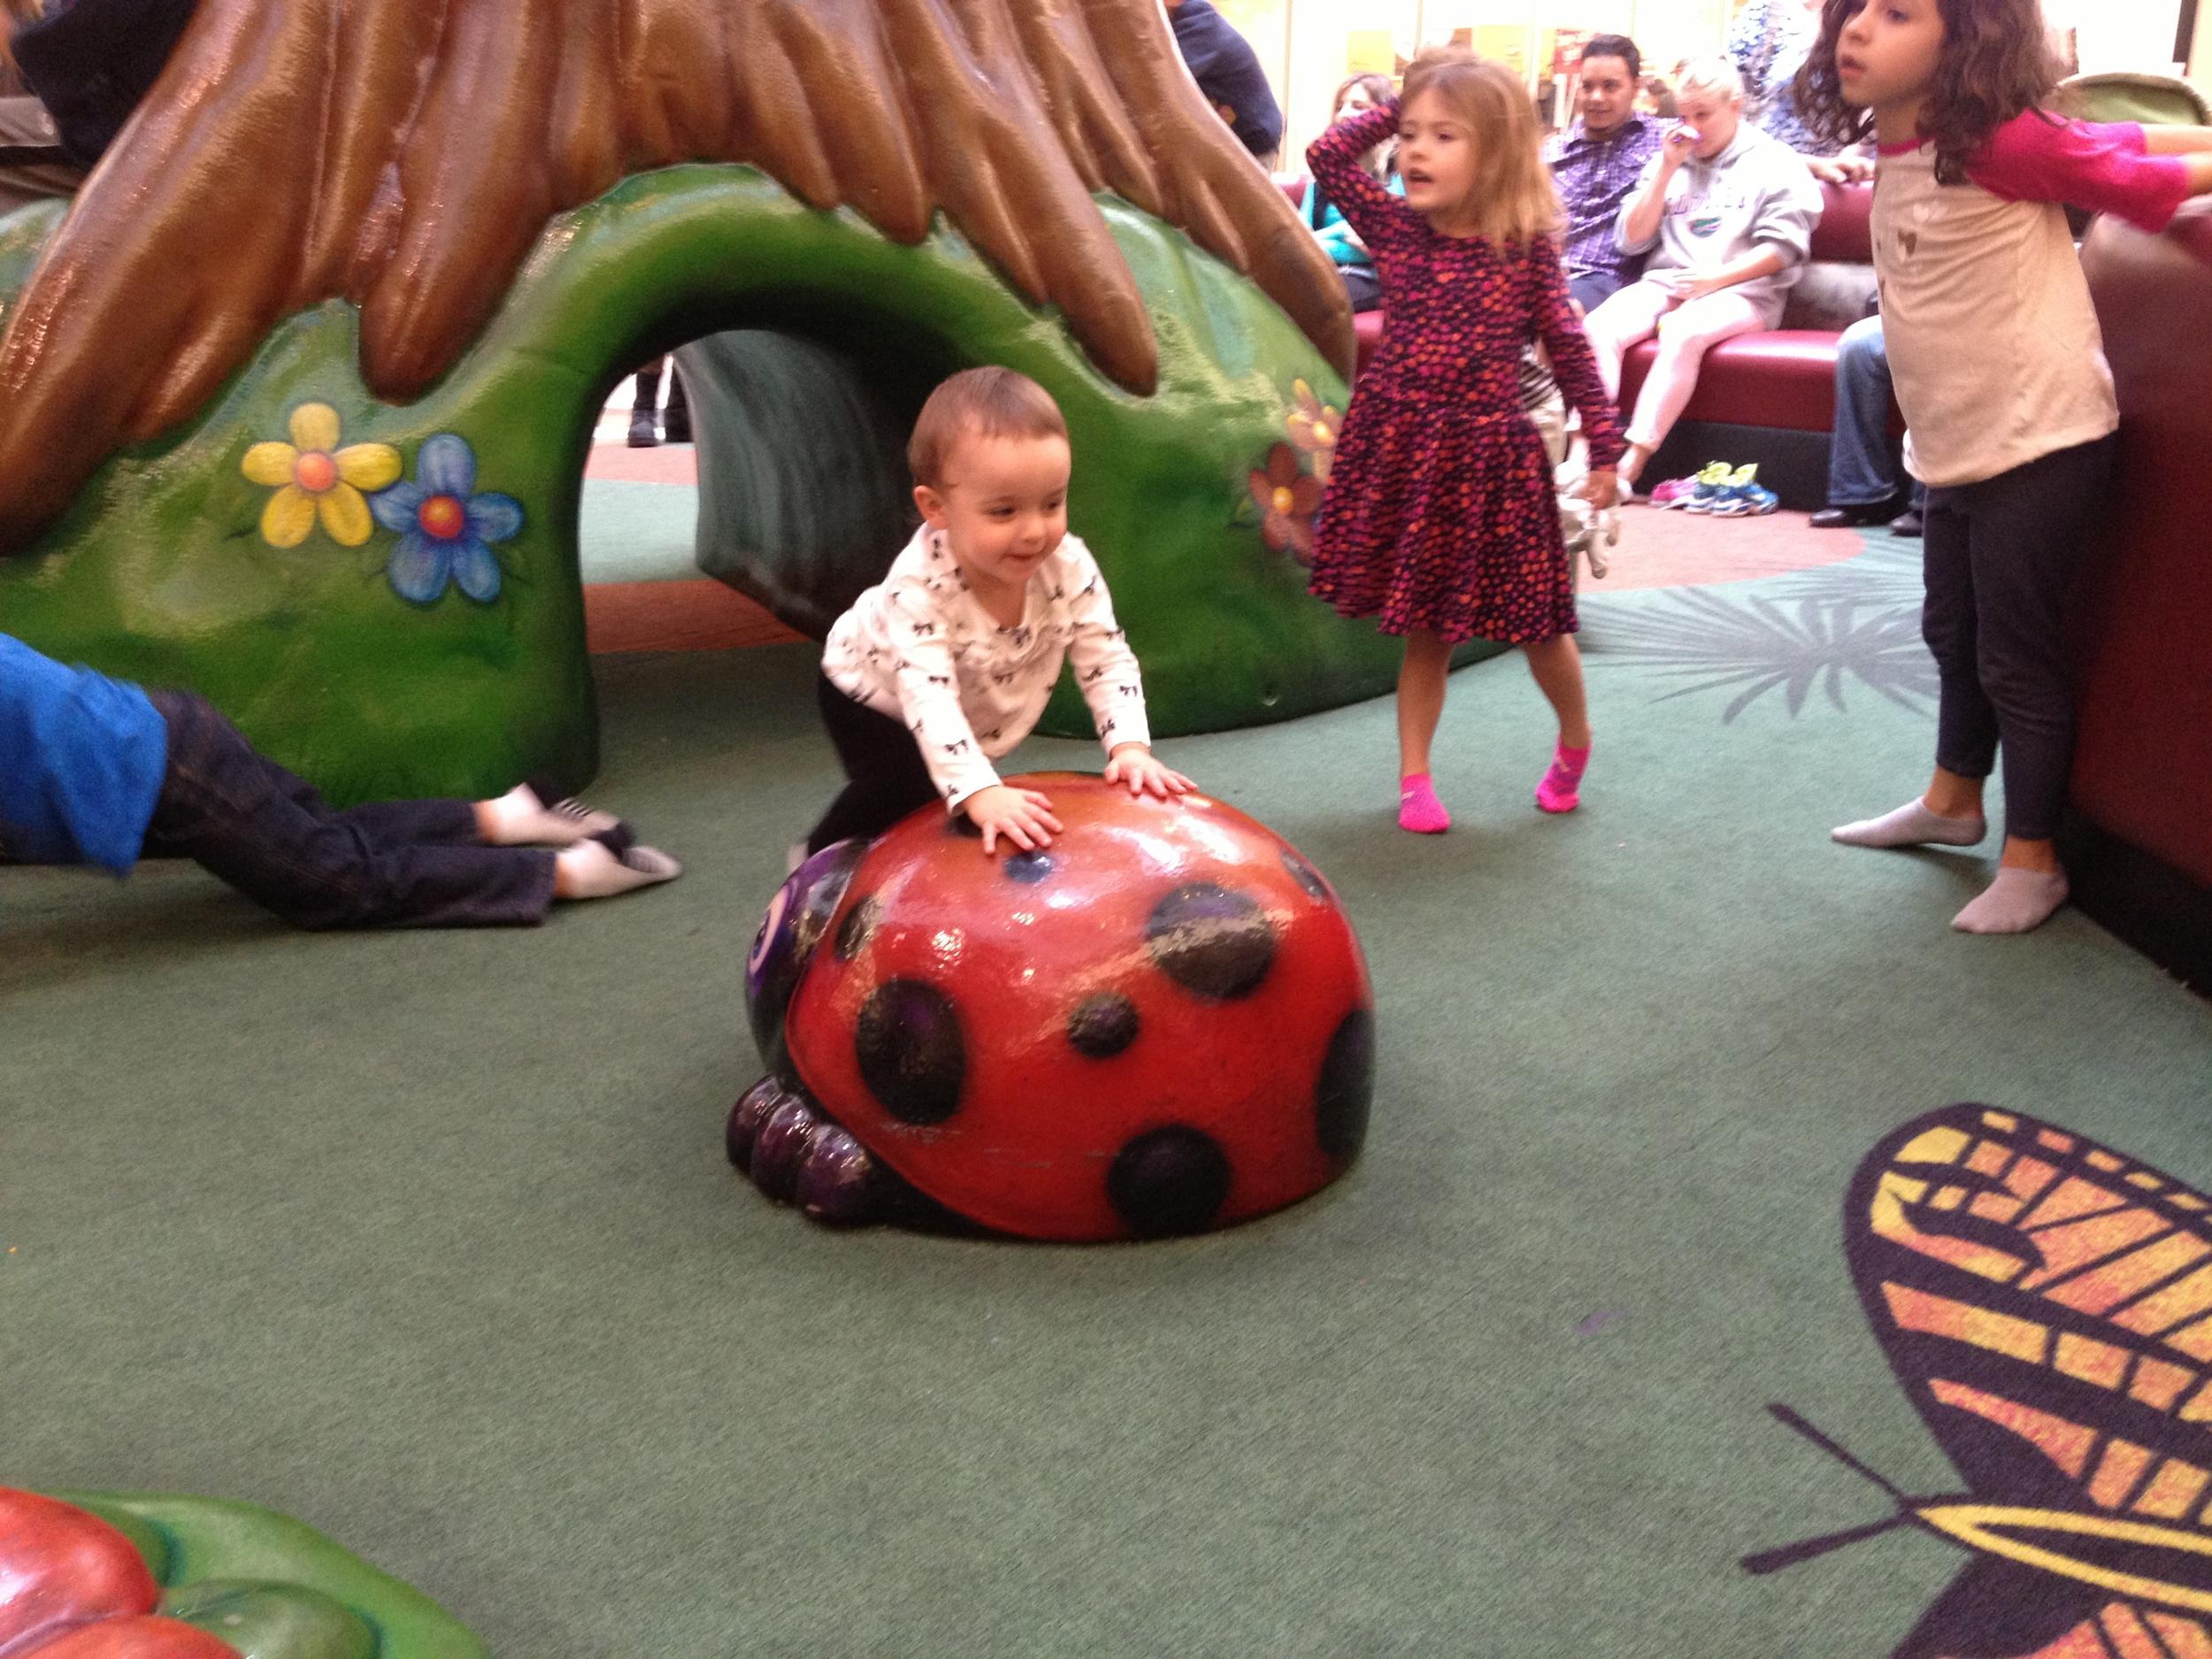 Climbing the Ladybug